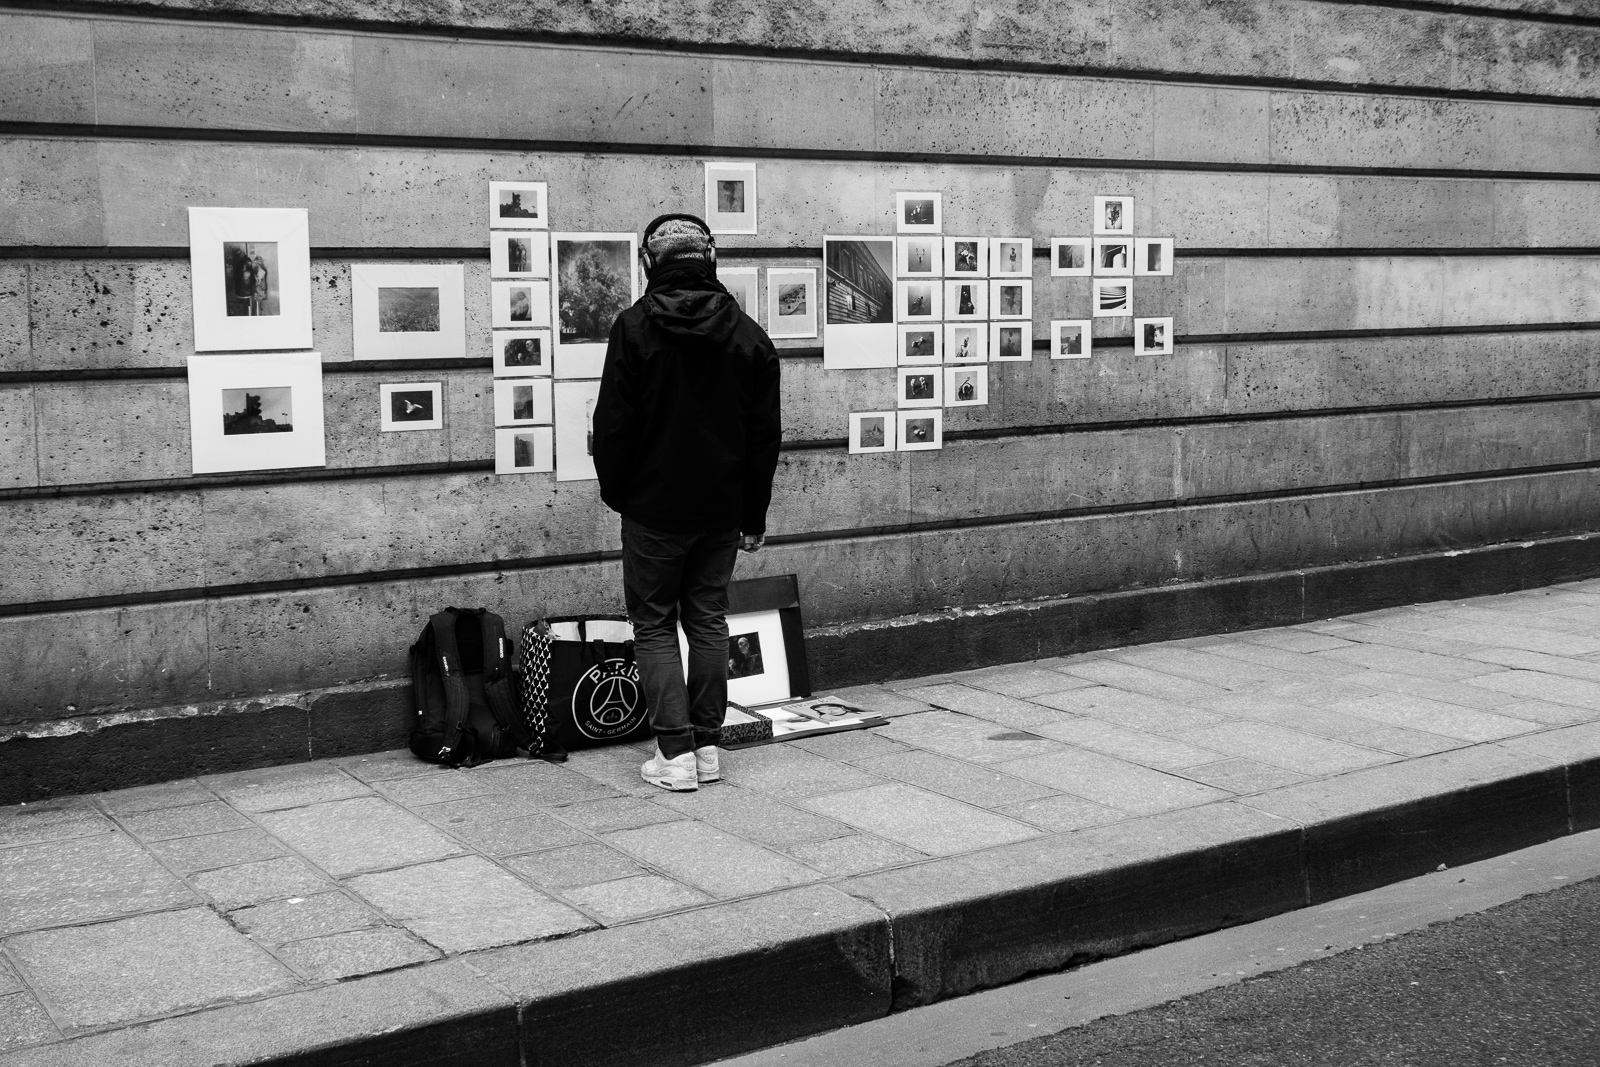 paris_street_2016-1242